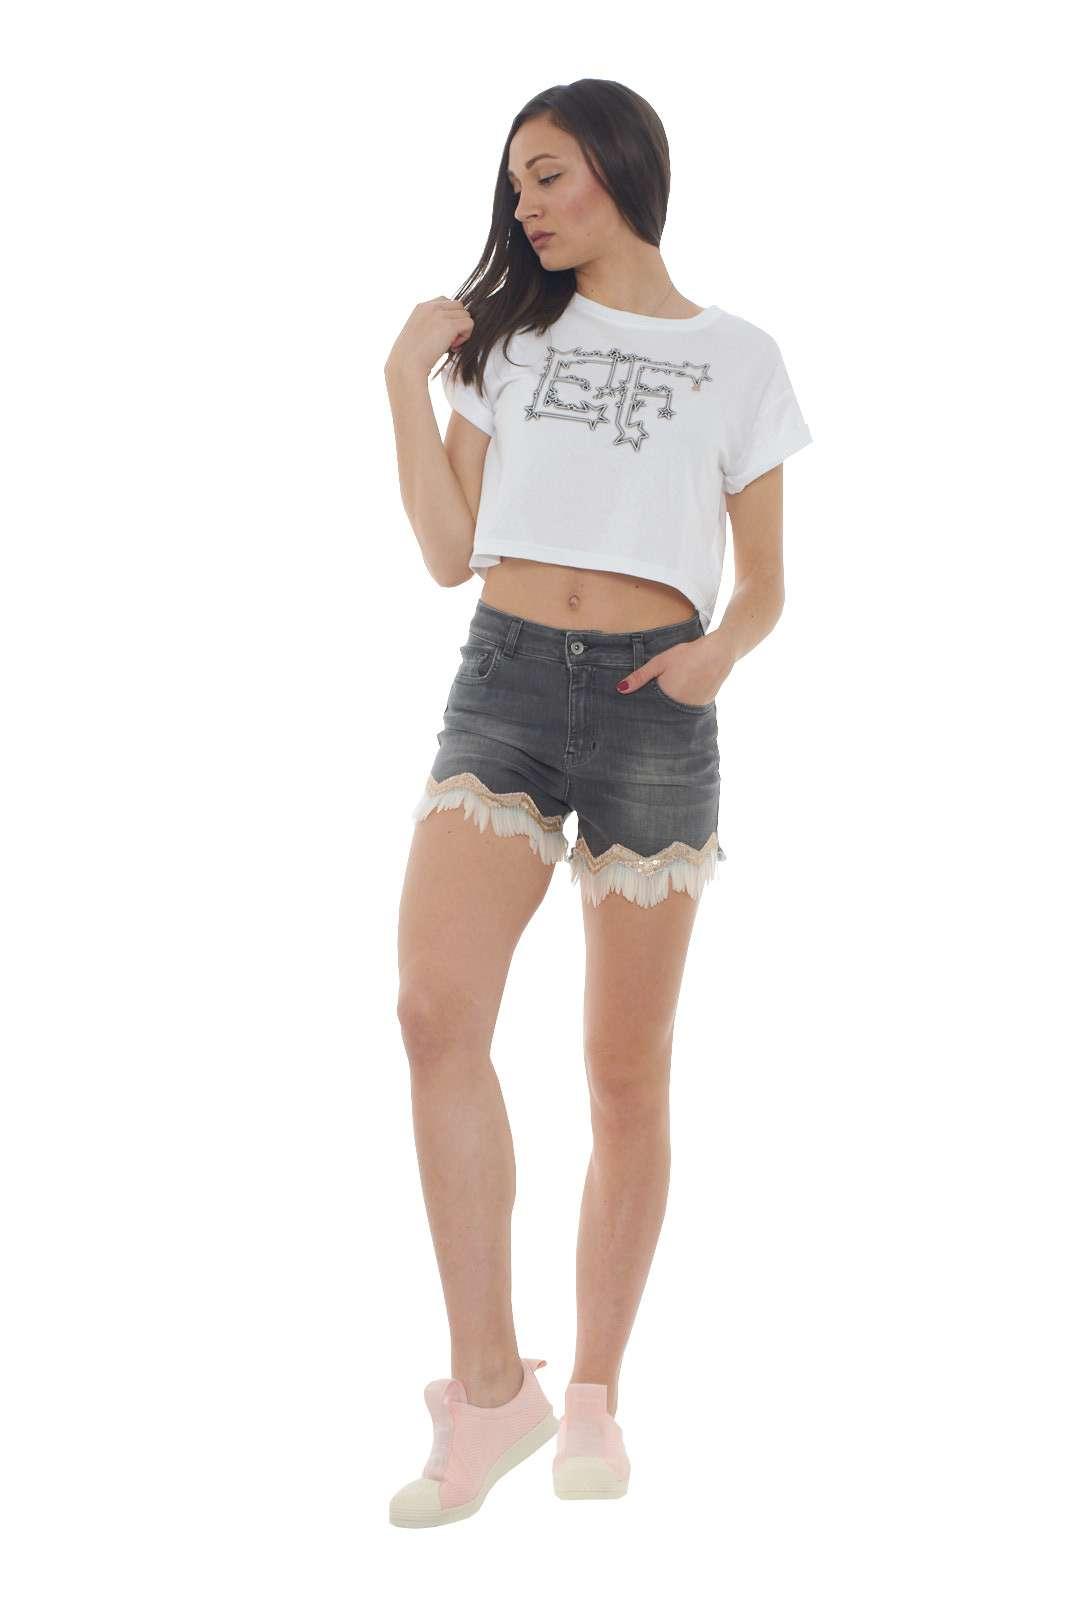 https://www.parmax.com/media/catalog/product/a/i/PE-outlet_parmax-t-shirt-donna-Elisabetta-Franchi-ma10c96e2-D_2.jpg